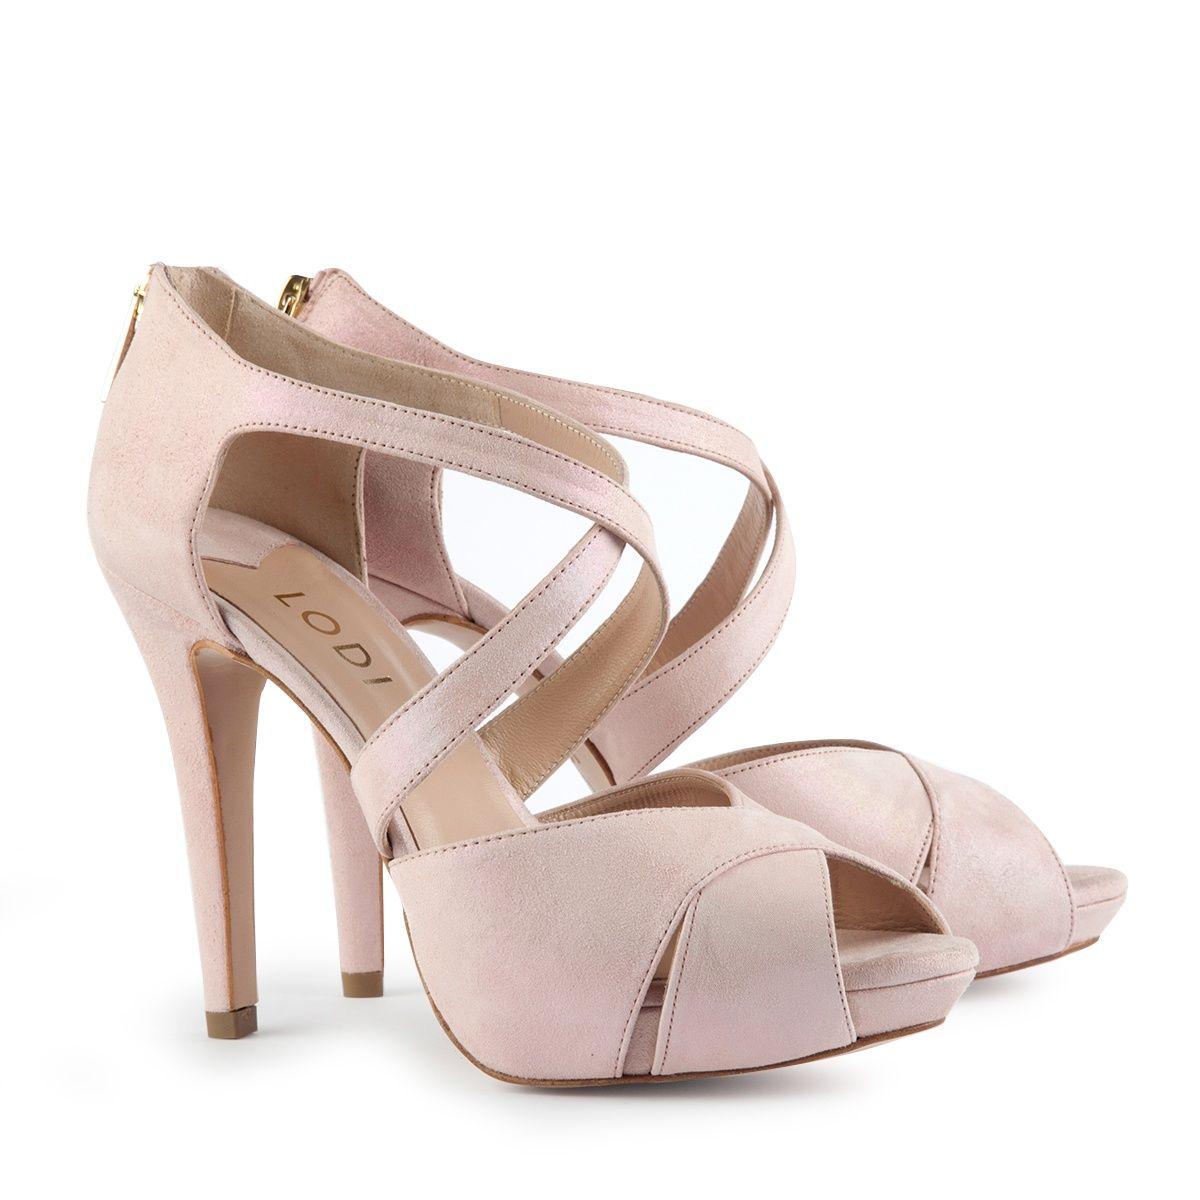 fd02ed86e8ca Sandalias Lodi en rosa palo   Zapatos   Zapatos, Zapatos lodi y ...